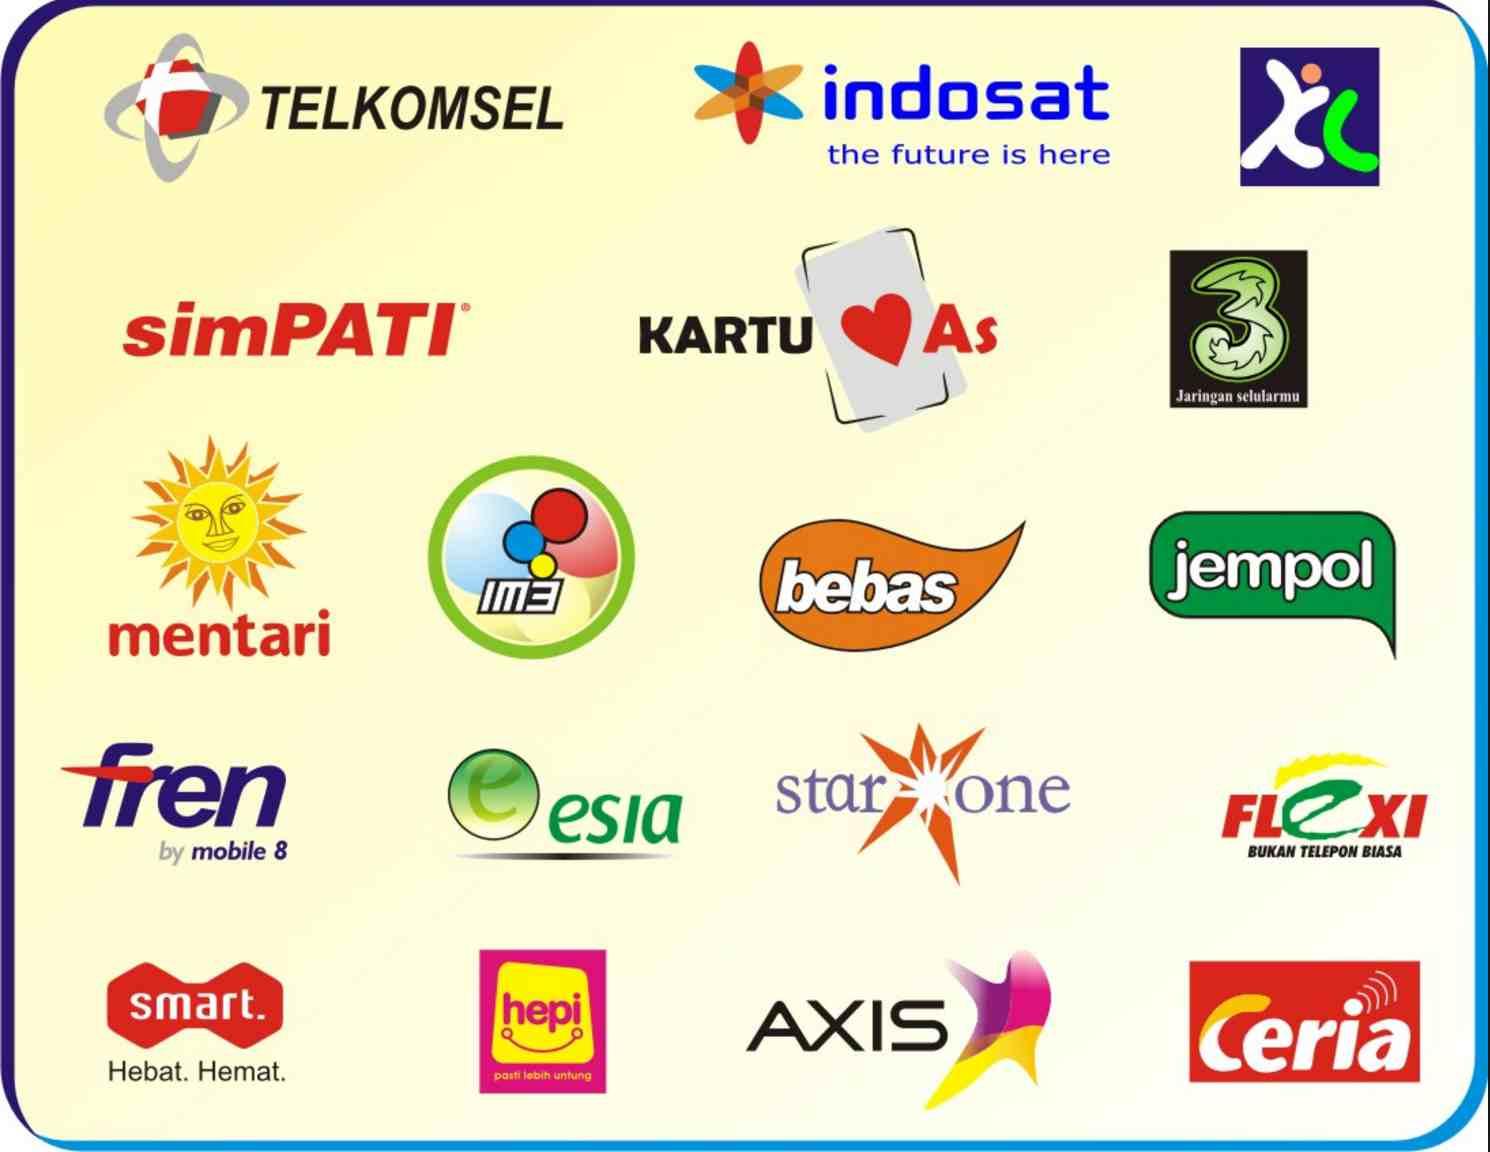 List Harga Paketan Perdana Internet Terbaru All Operator 2016 Bacan Buat Sobat Yang Mencari Dan Belum Tau Kuota Didapat Bisa Cek Dari Semua Operatorlist